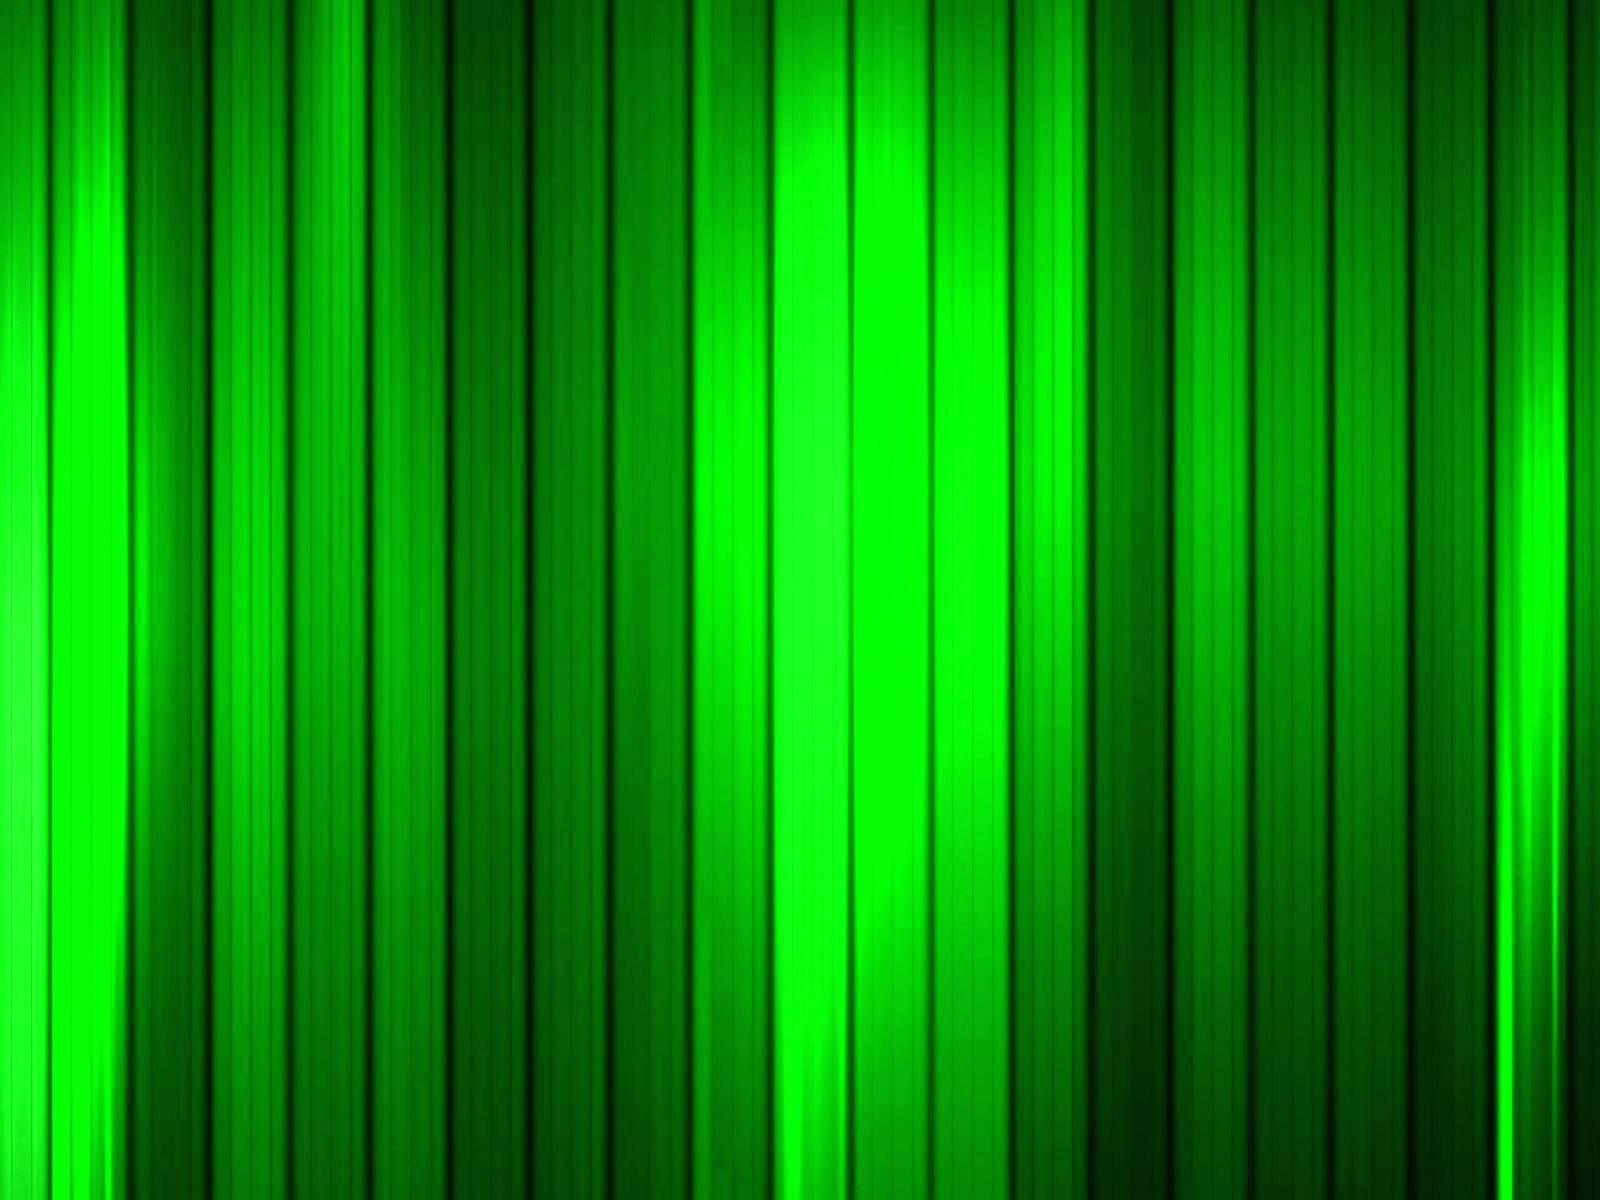 Oasis Wallpaper Iphone 5 Verde Fondo De Pantalla And Fondo De Escritorio